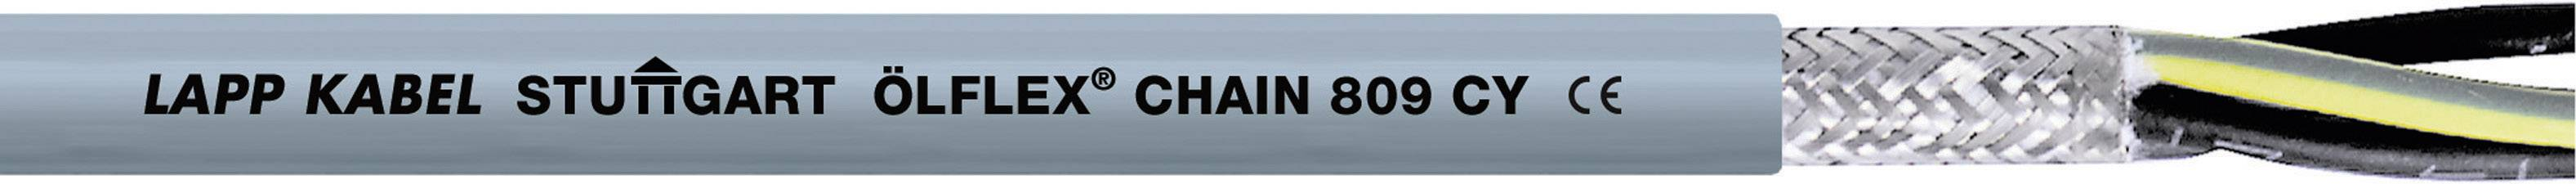 Žíla kabelu LappKabel ÖLFLEX CHAIN 809 CY 5G1,0 (1026770), 5x 1 mm², PVC, Ø 8,3 mm, stíněný, 1 m, šedá